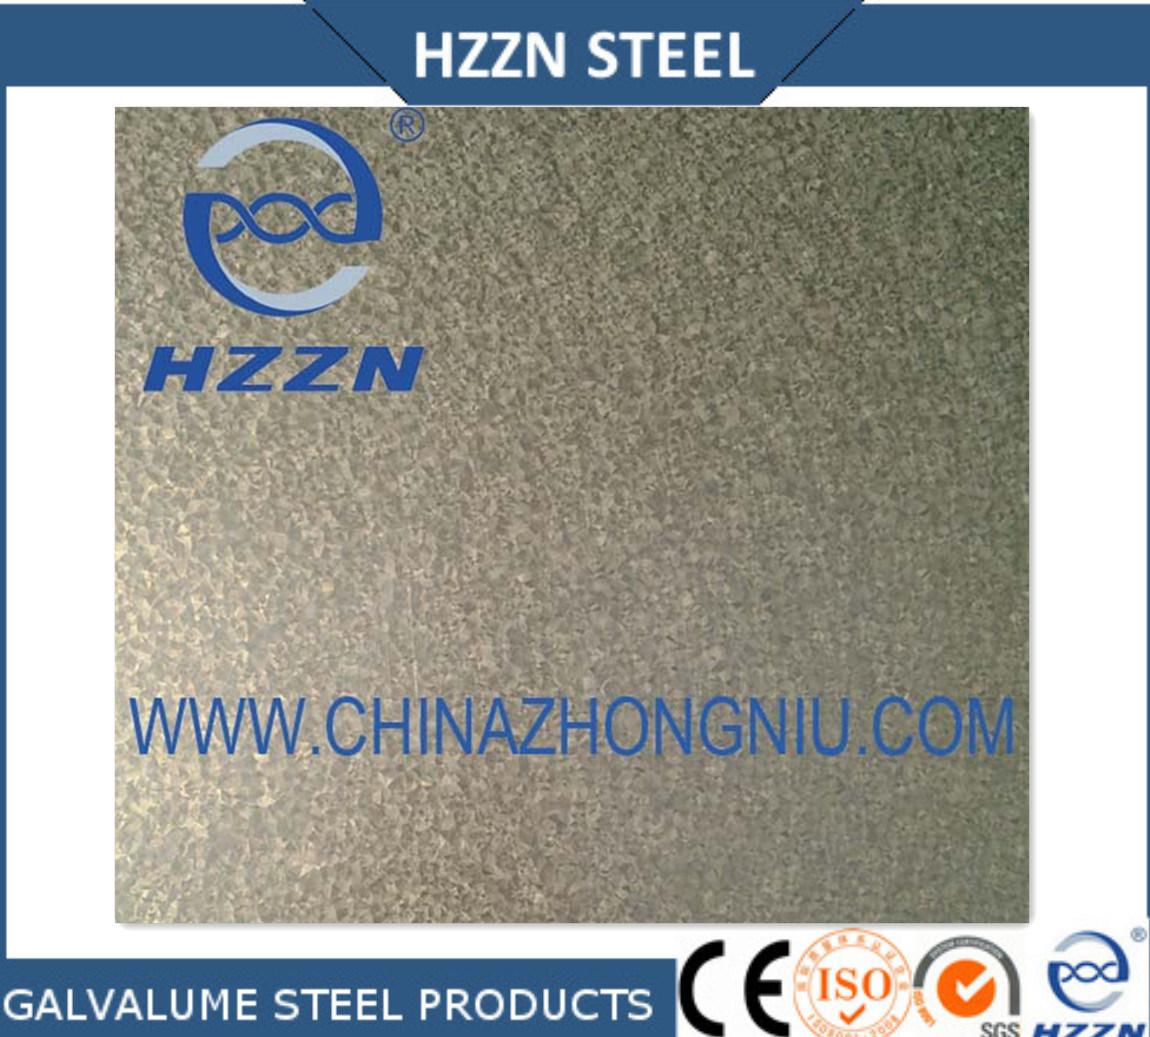 Zincalume Steel Coils Y Sheet/Bobinas Y Laminas De Acero Galvalume Y Planchas Onduladas (Calaminas Galvalume) Gl